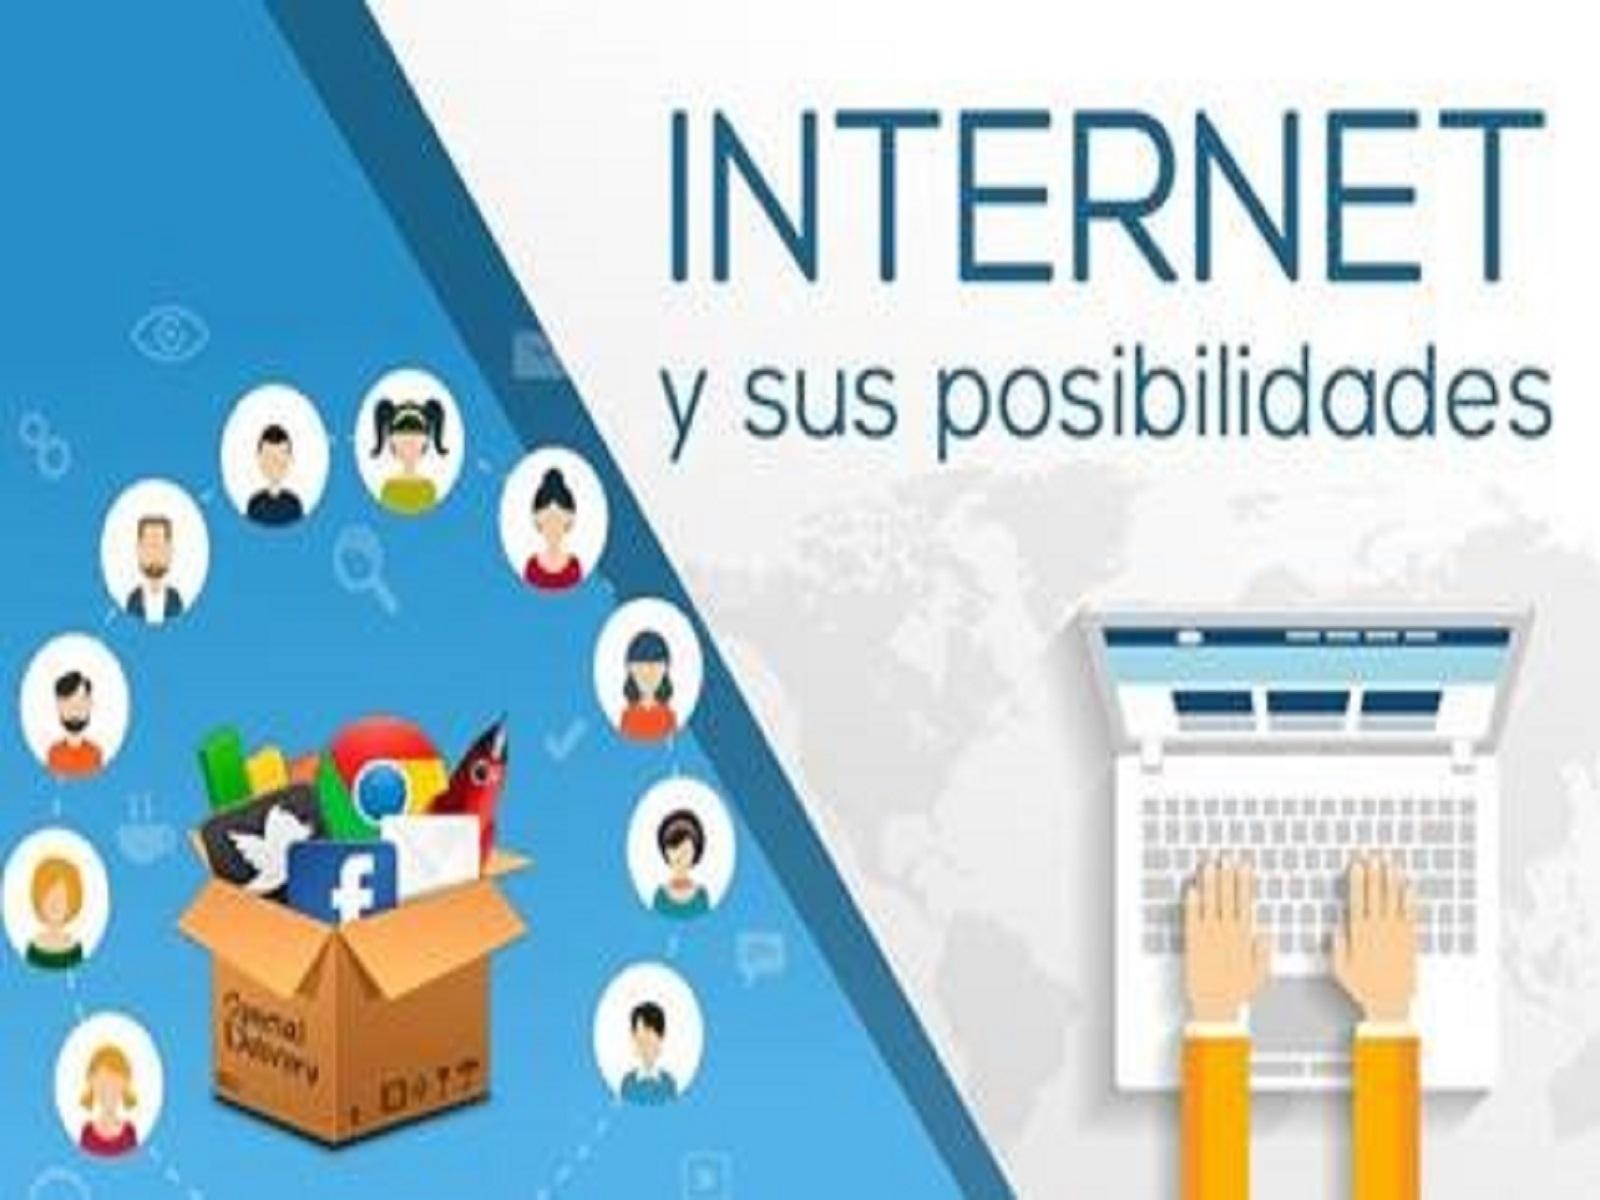 Taller Internet y sus posibilidades en Holguín